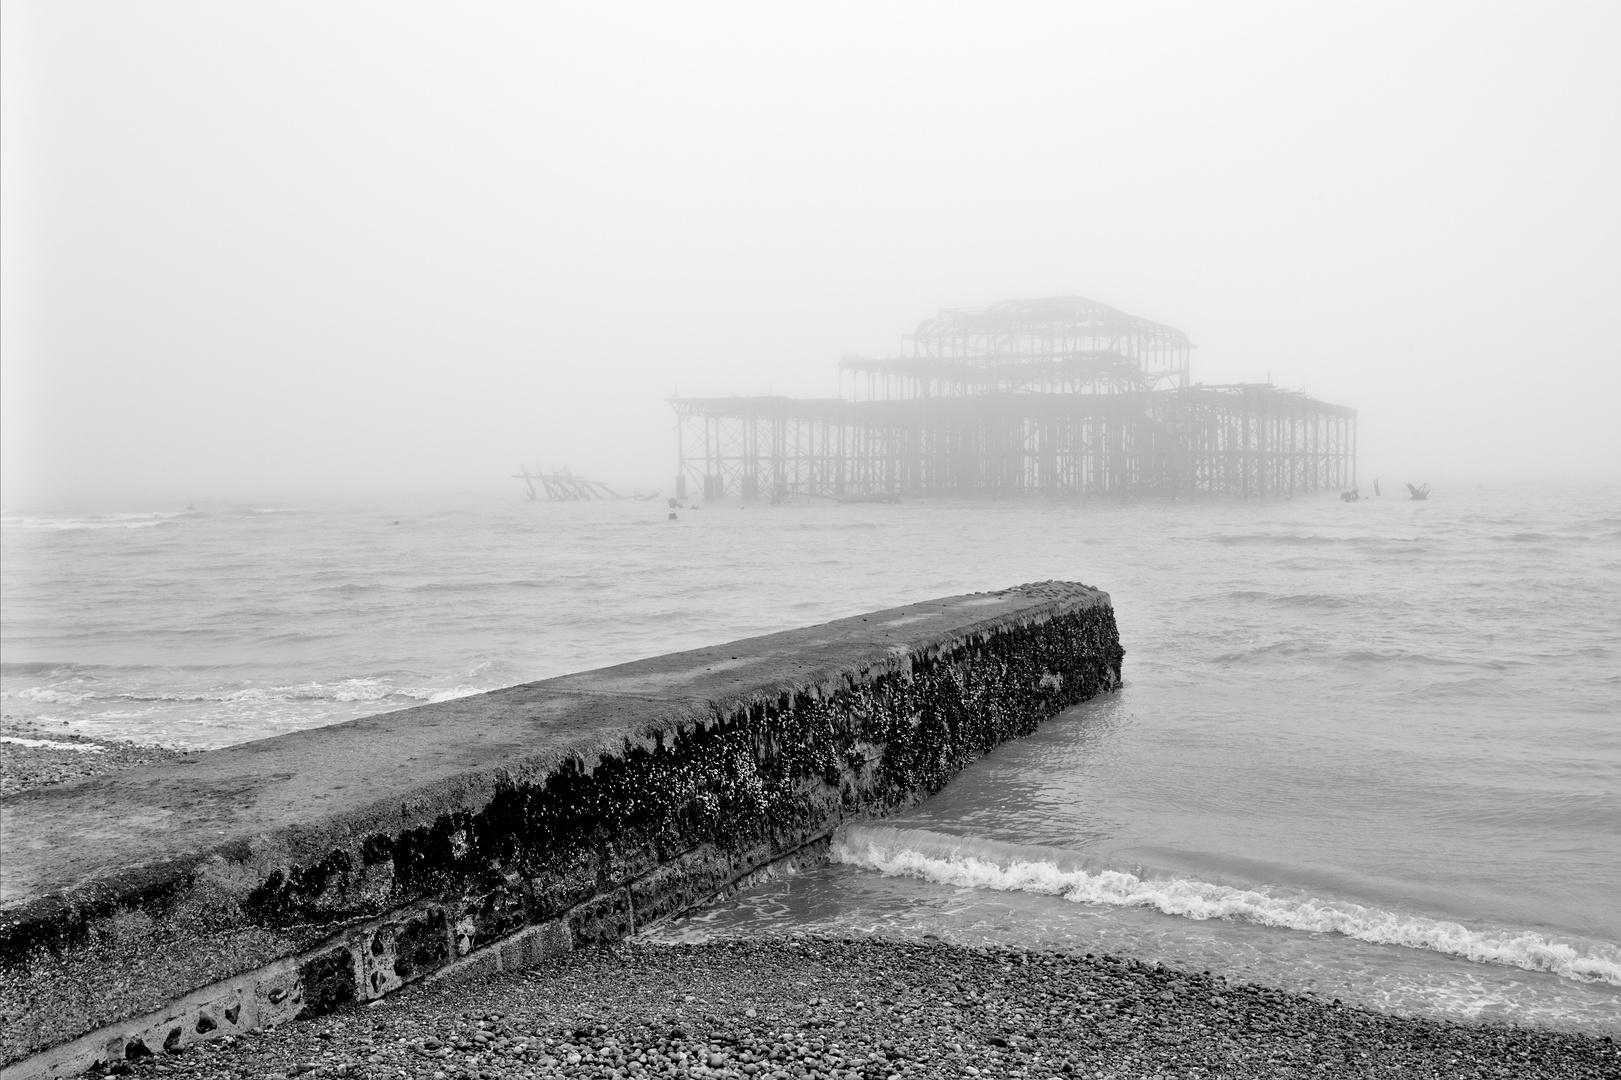 West Pier #001